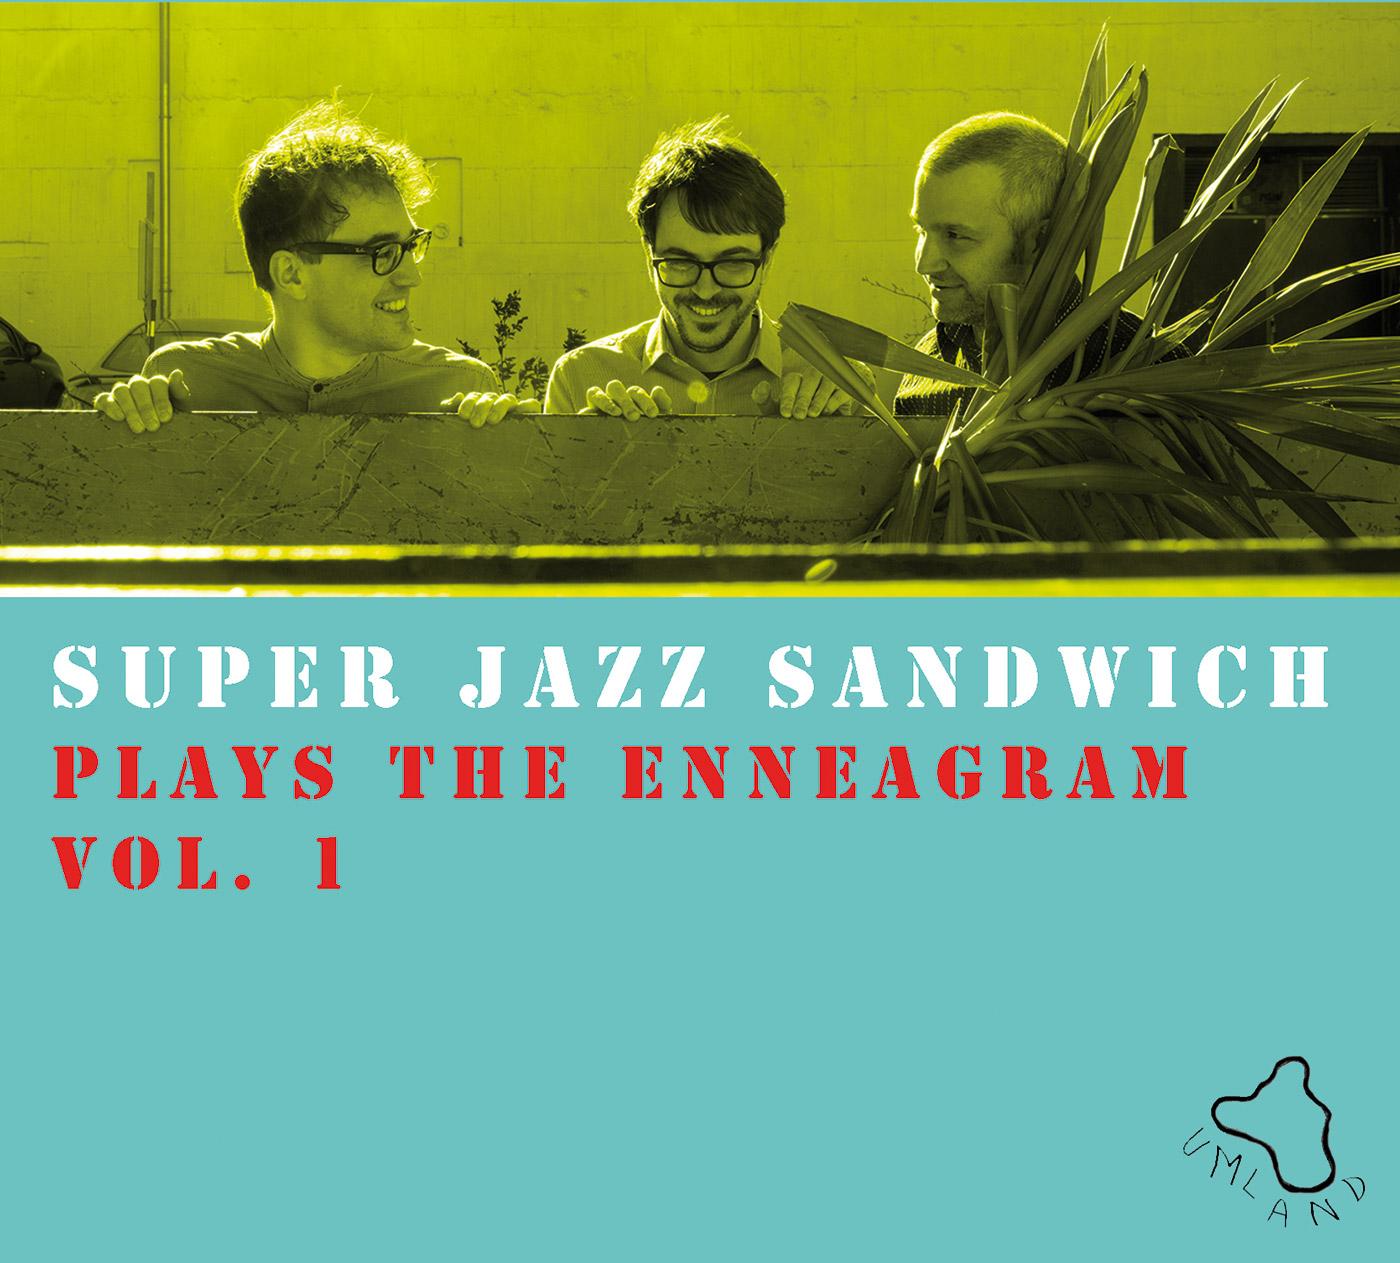 SUPER JAZZ SANDWICH | Salon21 | Umland Records